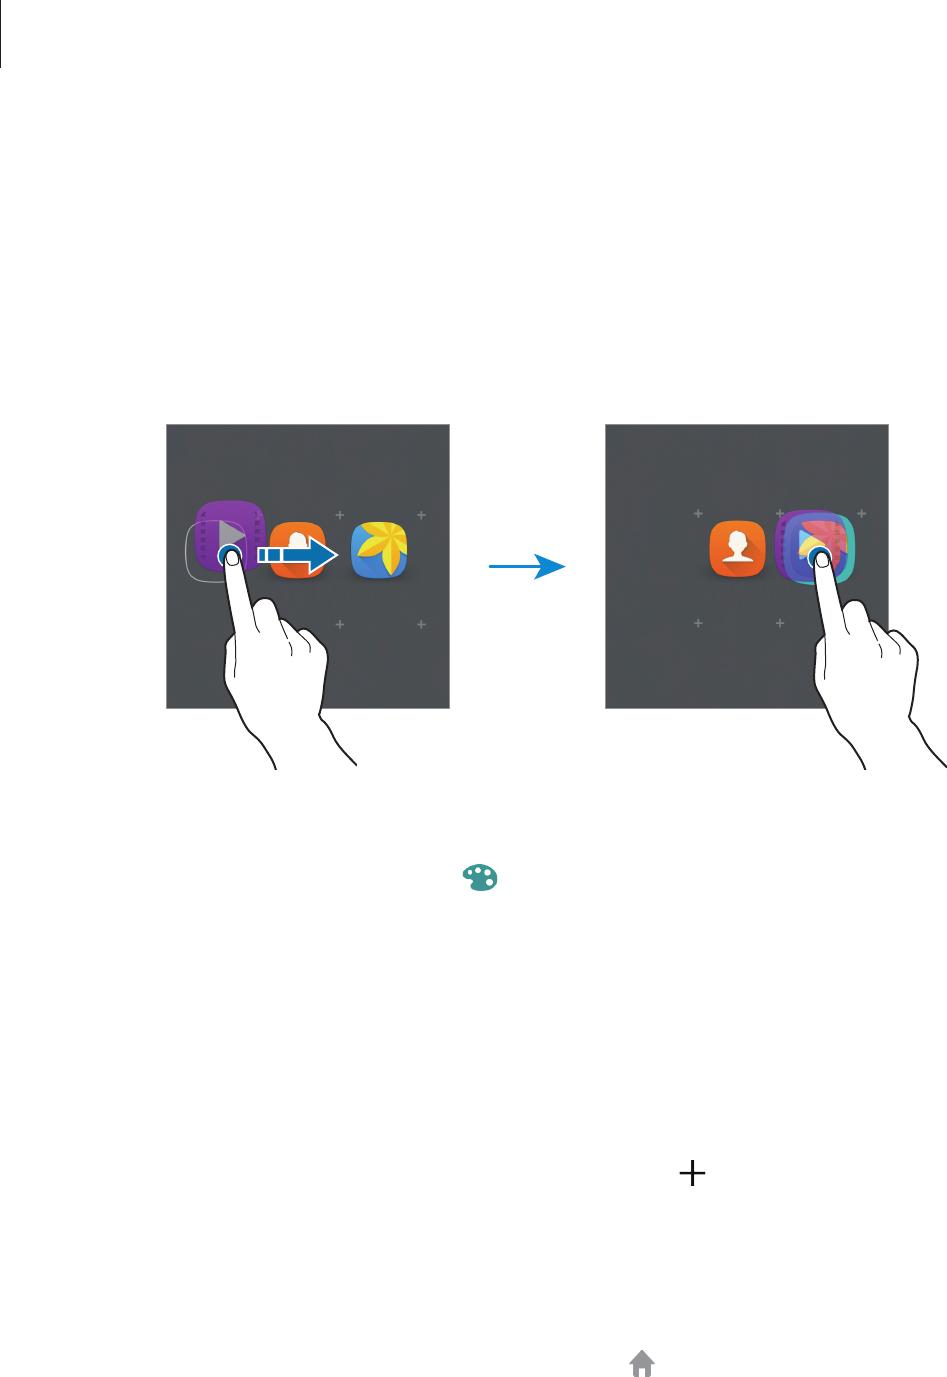 Google.Process.Gapps Wurde Beendet